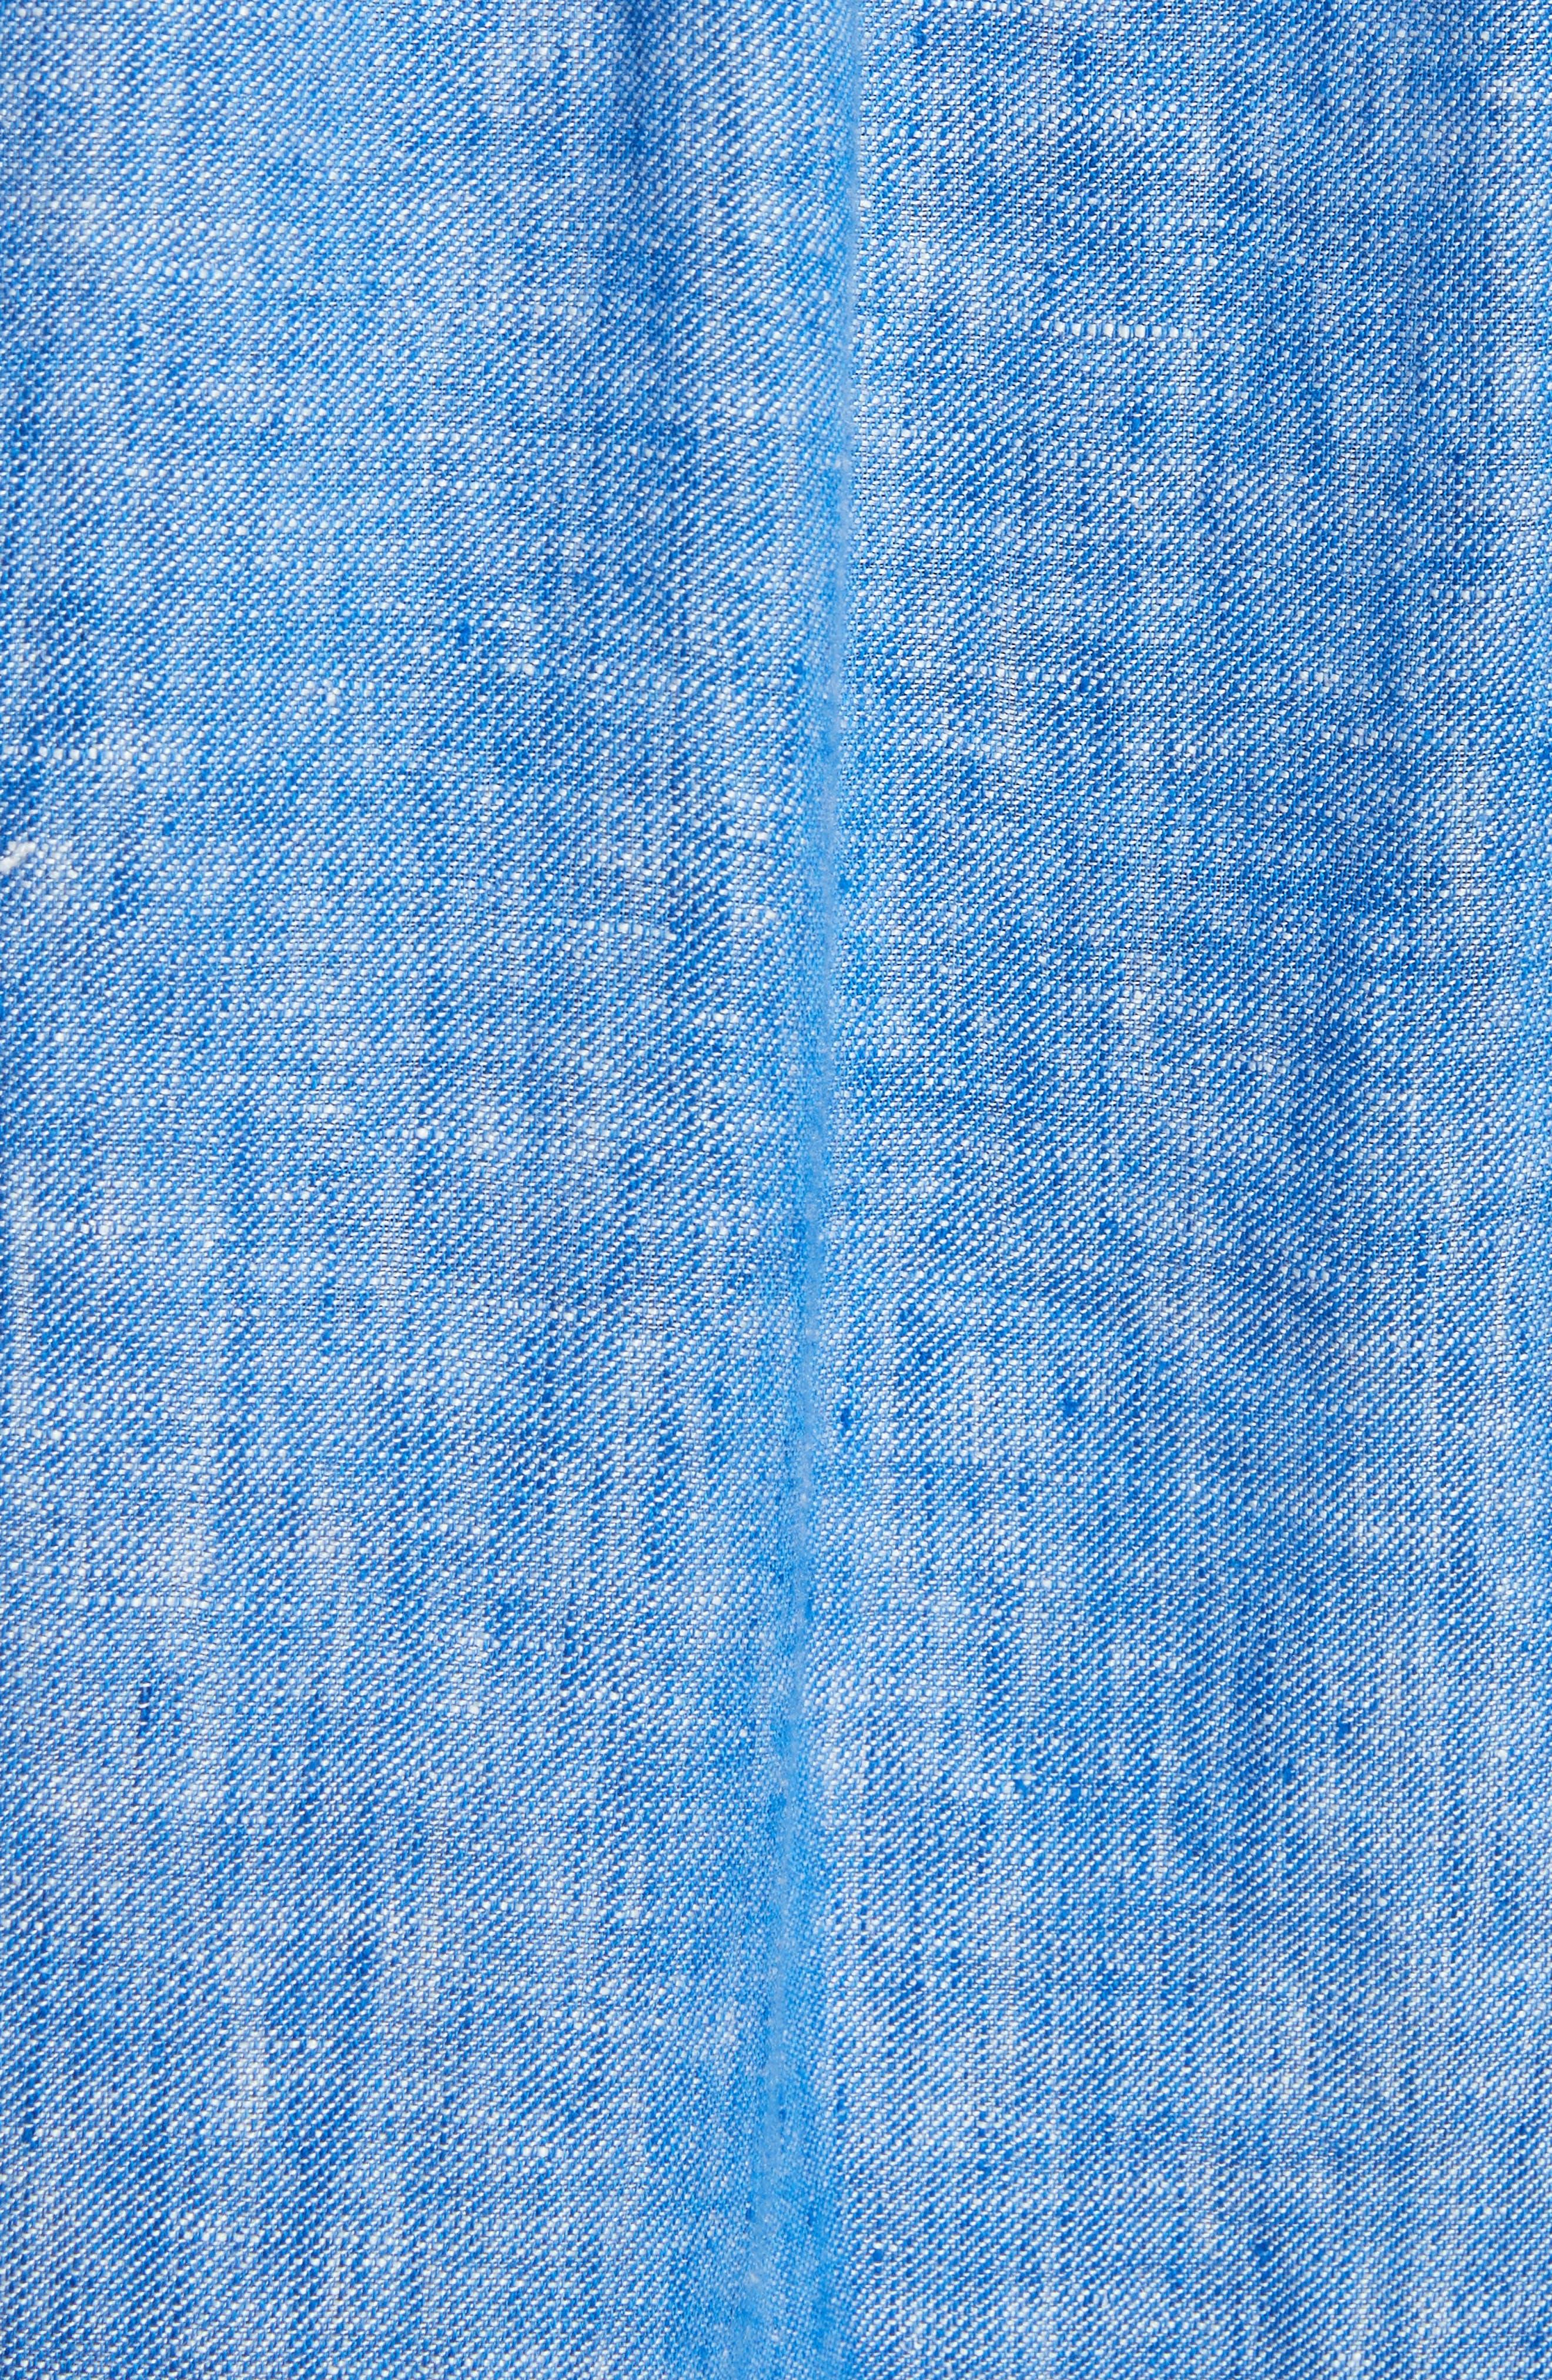 Lidelle Button Tab Linen Blouse,                             Alternate thumbnail 5, color,                             Surf Break